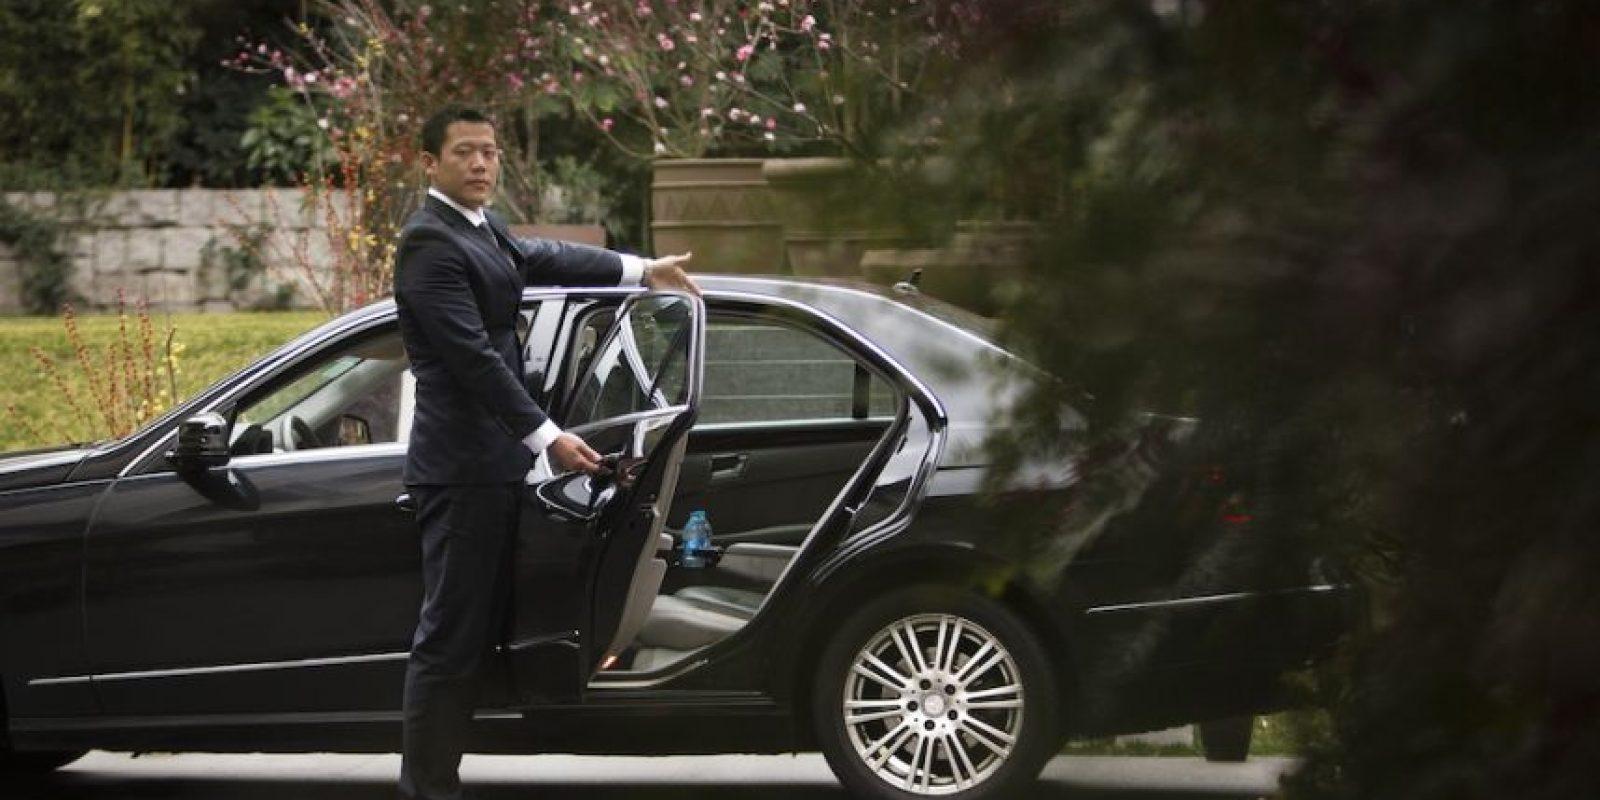 Pueden solicitar el servicio para alguien más sin necesidad de que ustedes estén a su lado. Solo basta que llamen al conductor y le den todas las referencias. Foto:Uber